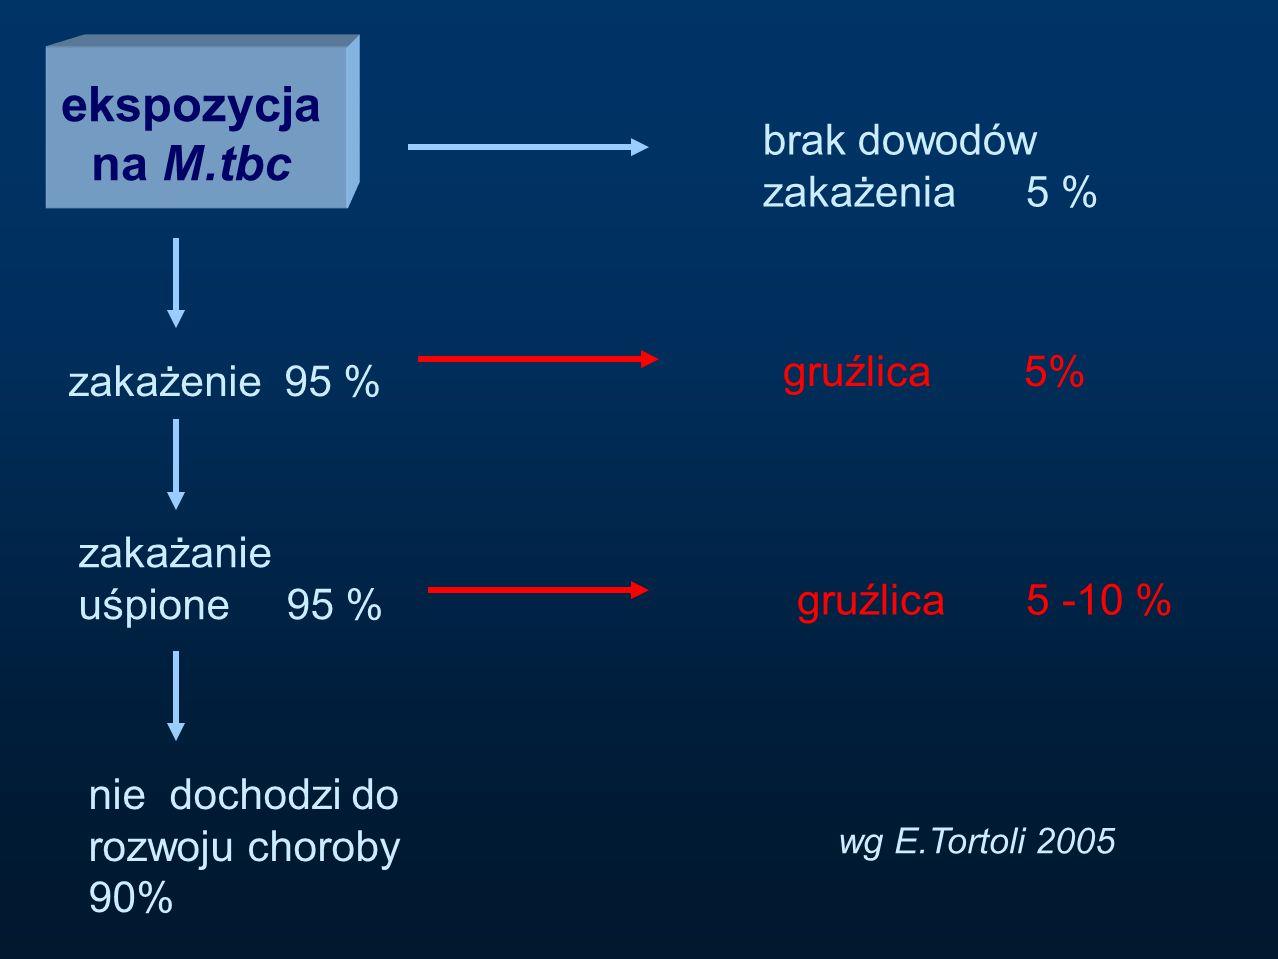 ekspozycja na M.tbc brak dowodów zakażenia 5 % zakażenie 95 % zakażanie uśpione 95 % gruźlica 5% wg E.Tortoli 2005 nie dochodzi do rozwoju choroby 90%